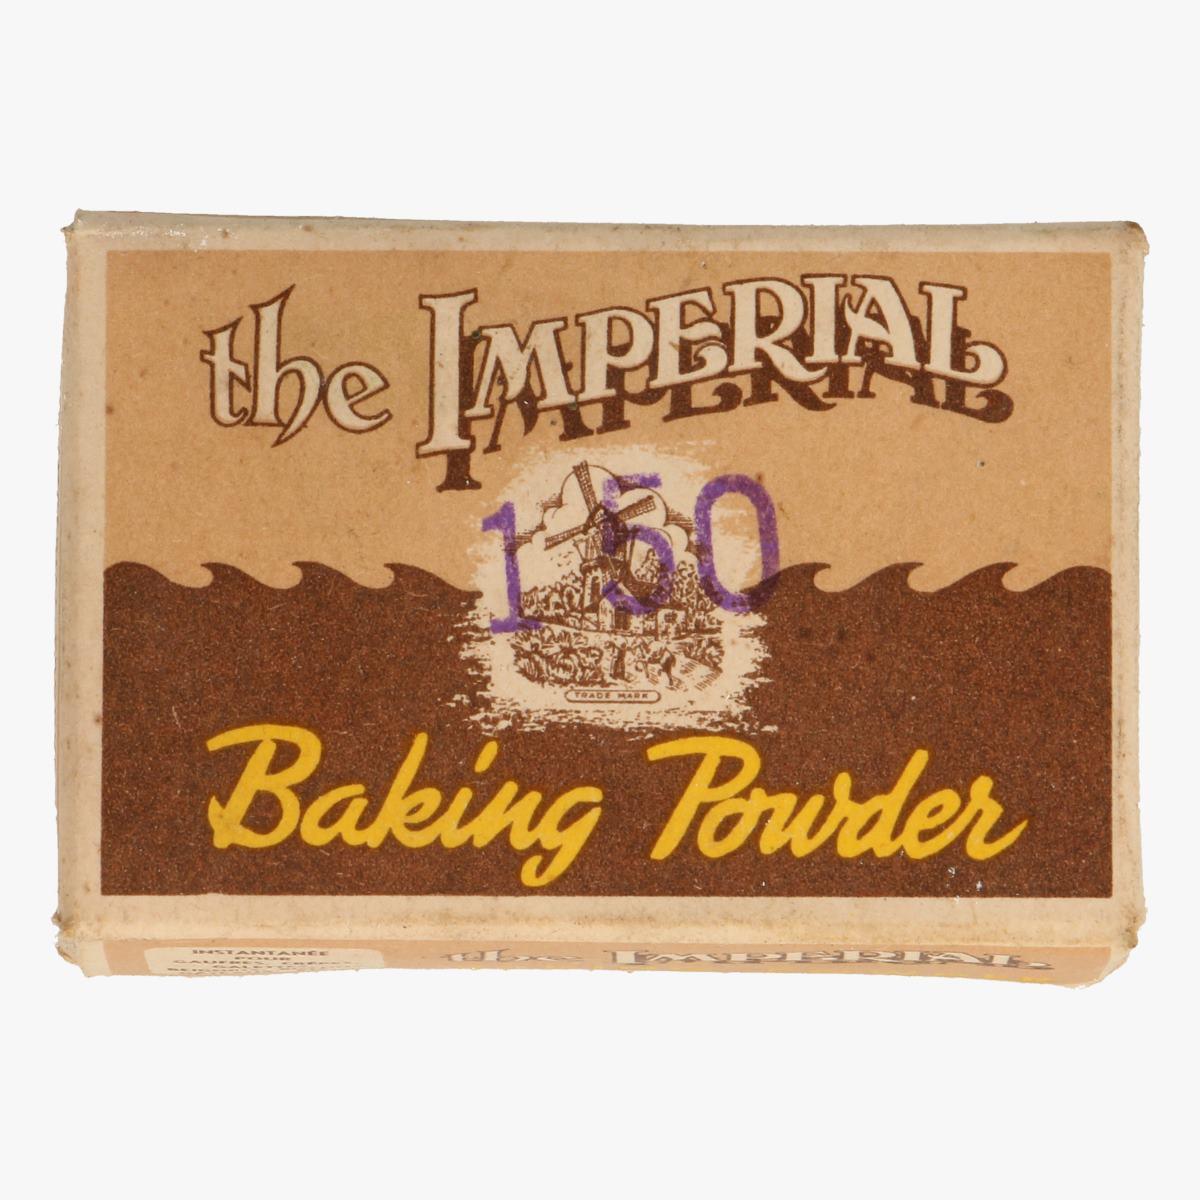 Afbeeldingen van oud doosje the imperial baking powder